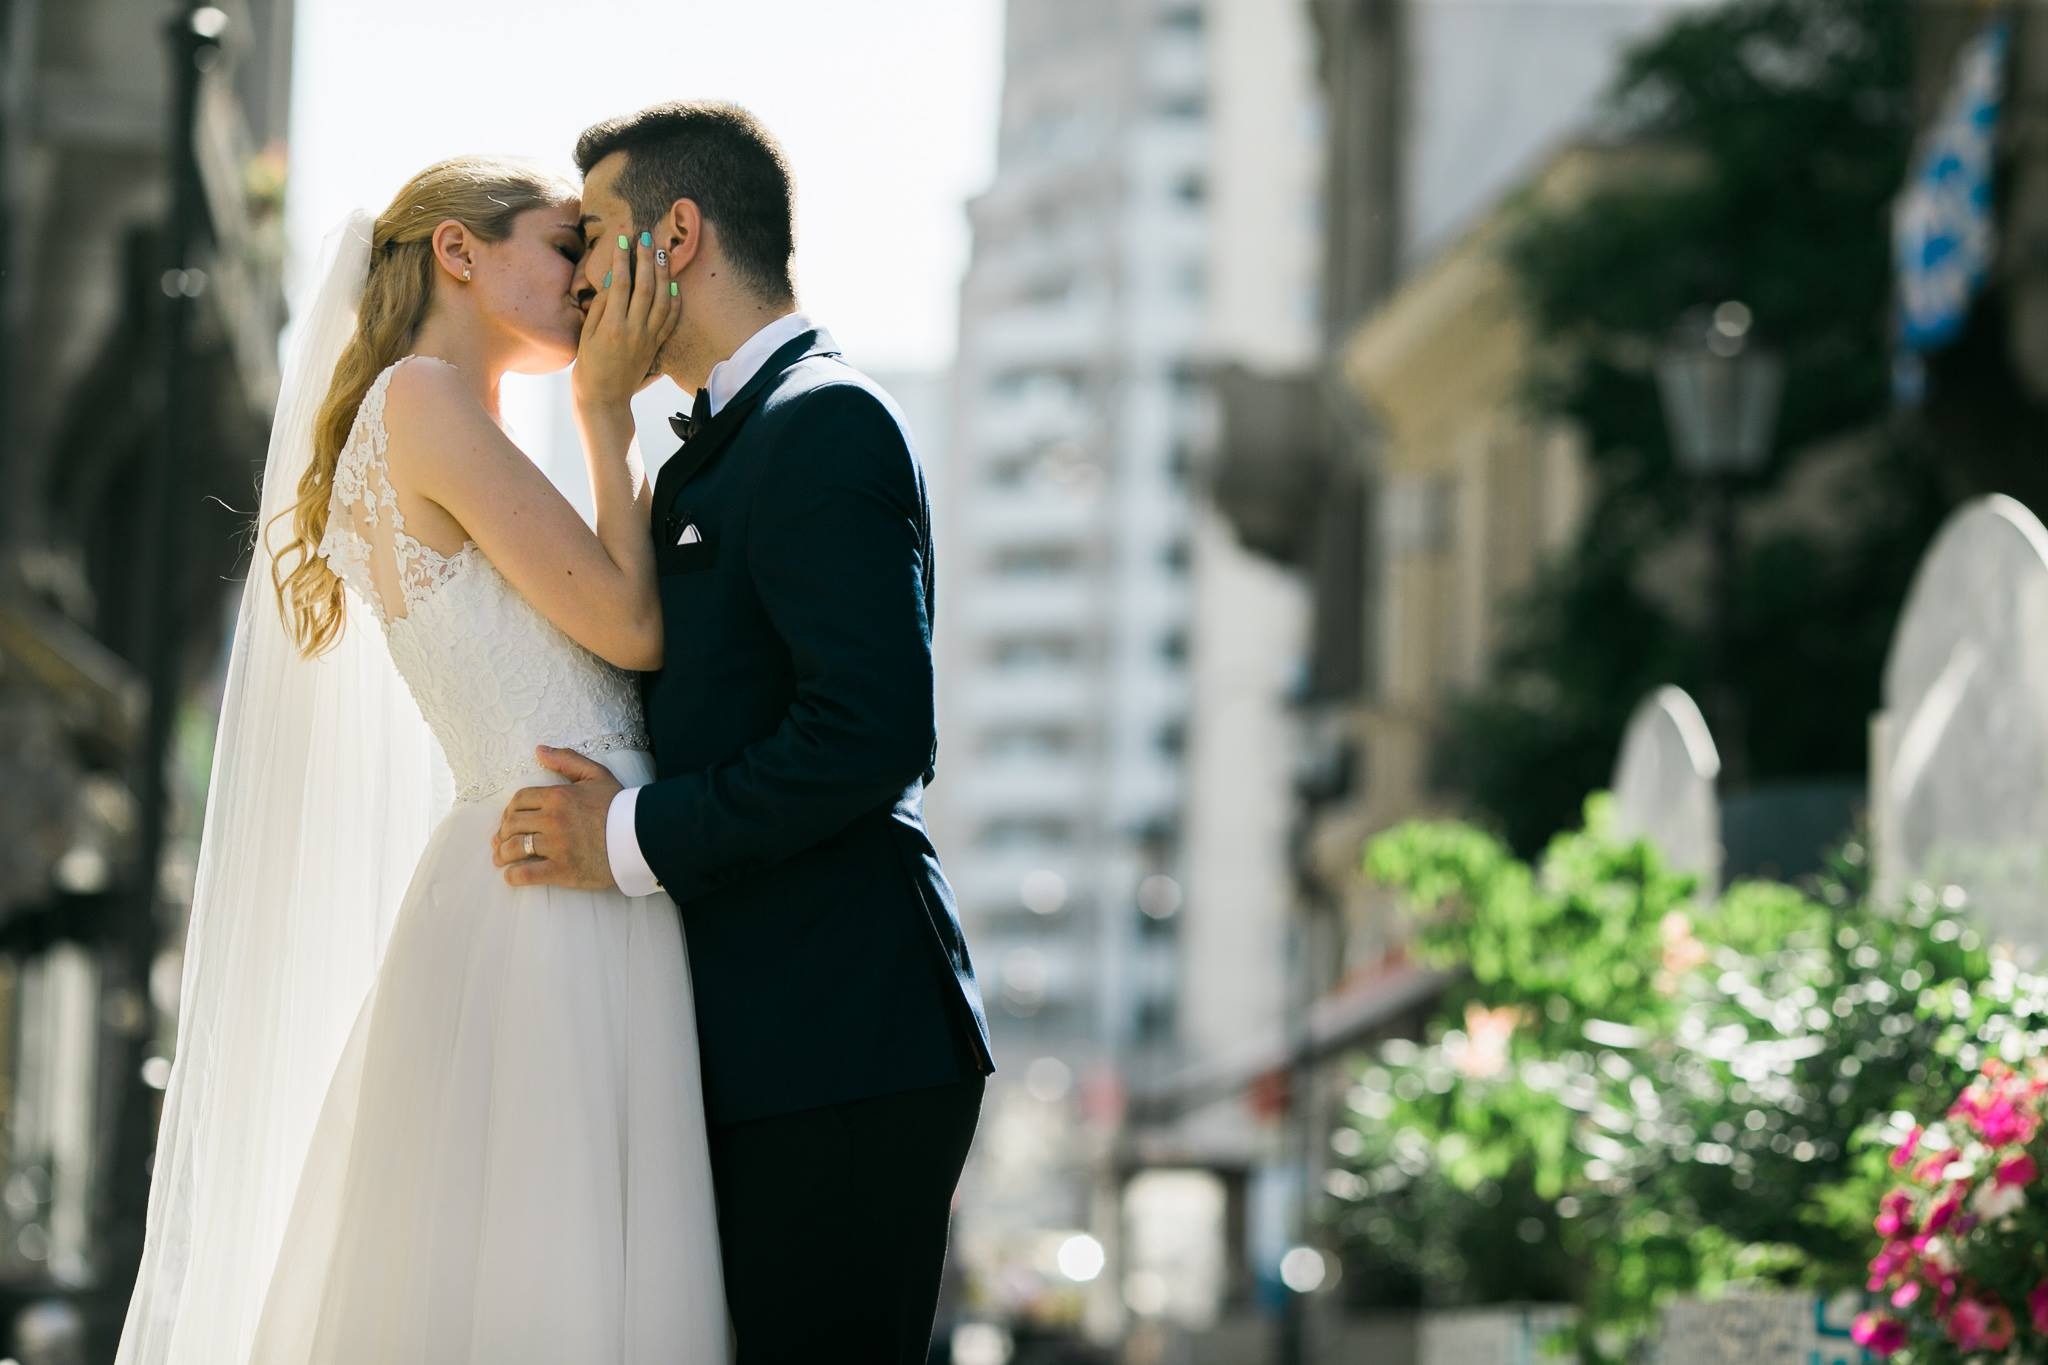 Sedinta foto nunta Paul Padurariu fotograf profesionist nunta Iasi www.paulpadurariu.ro